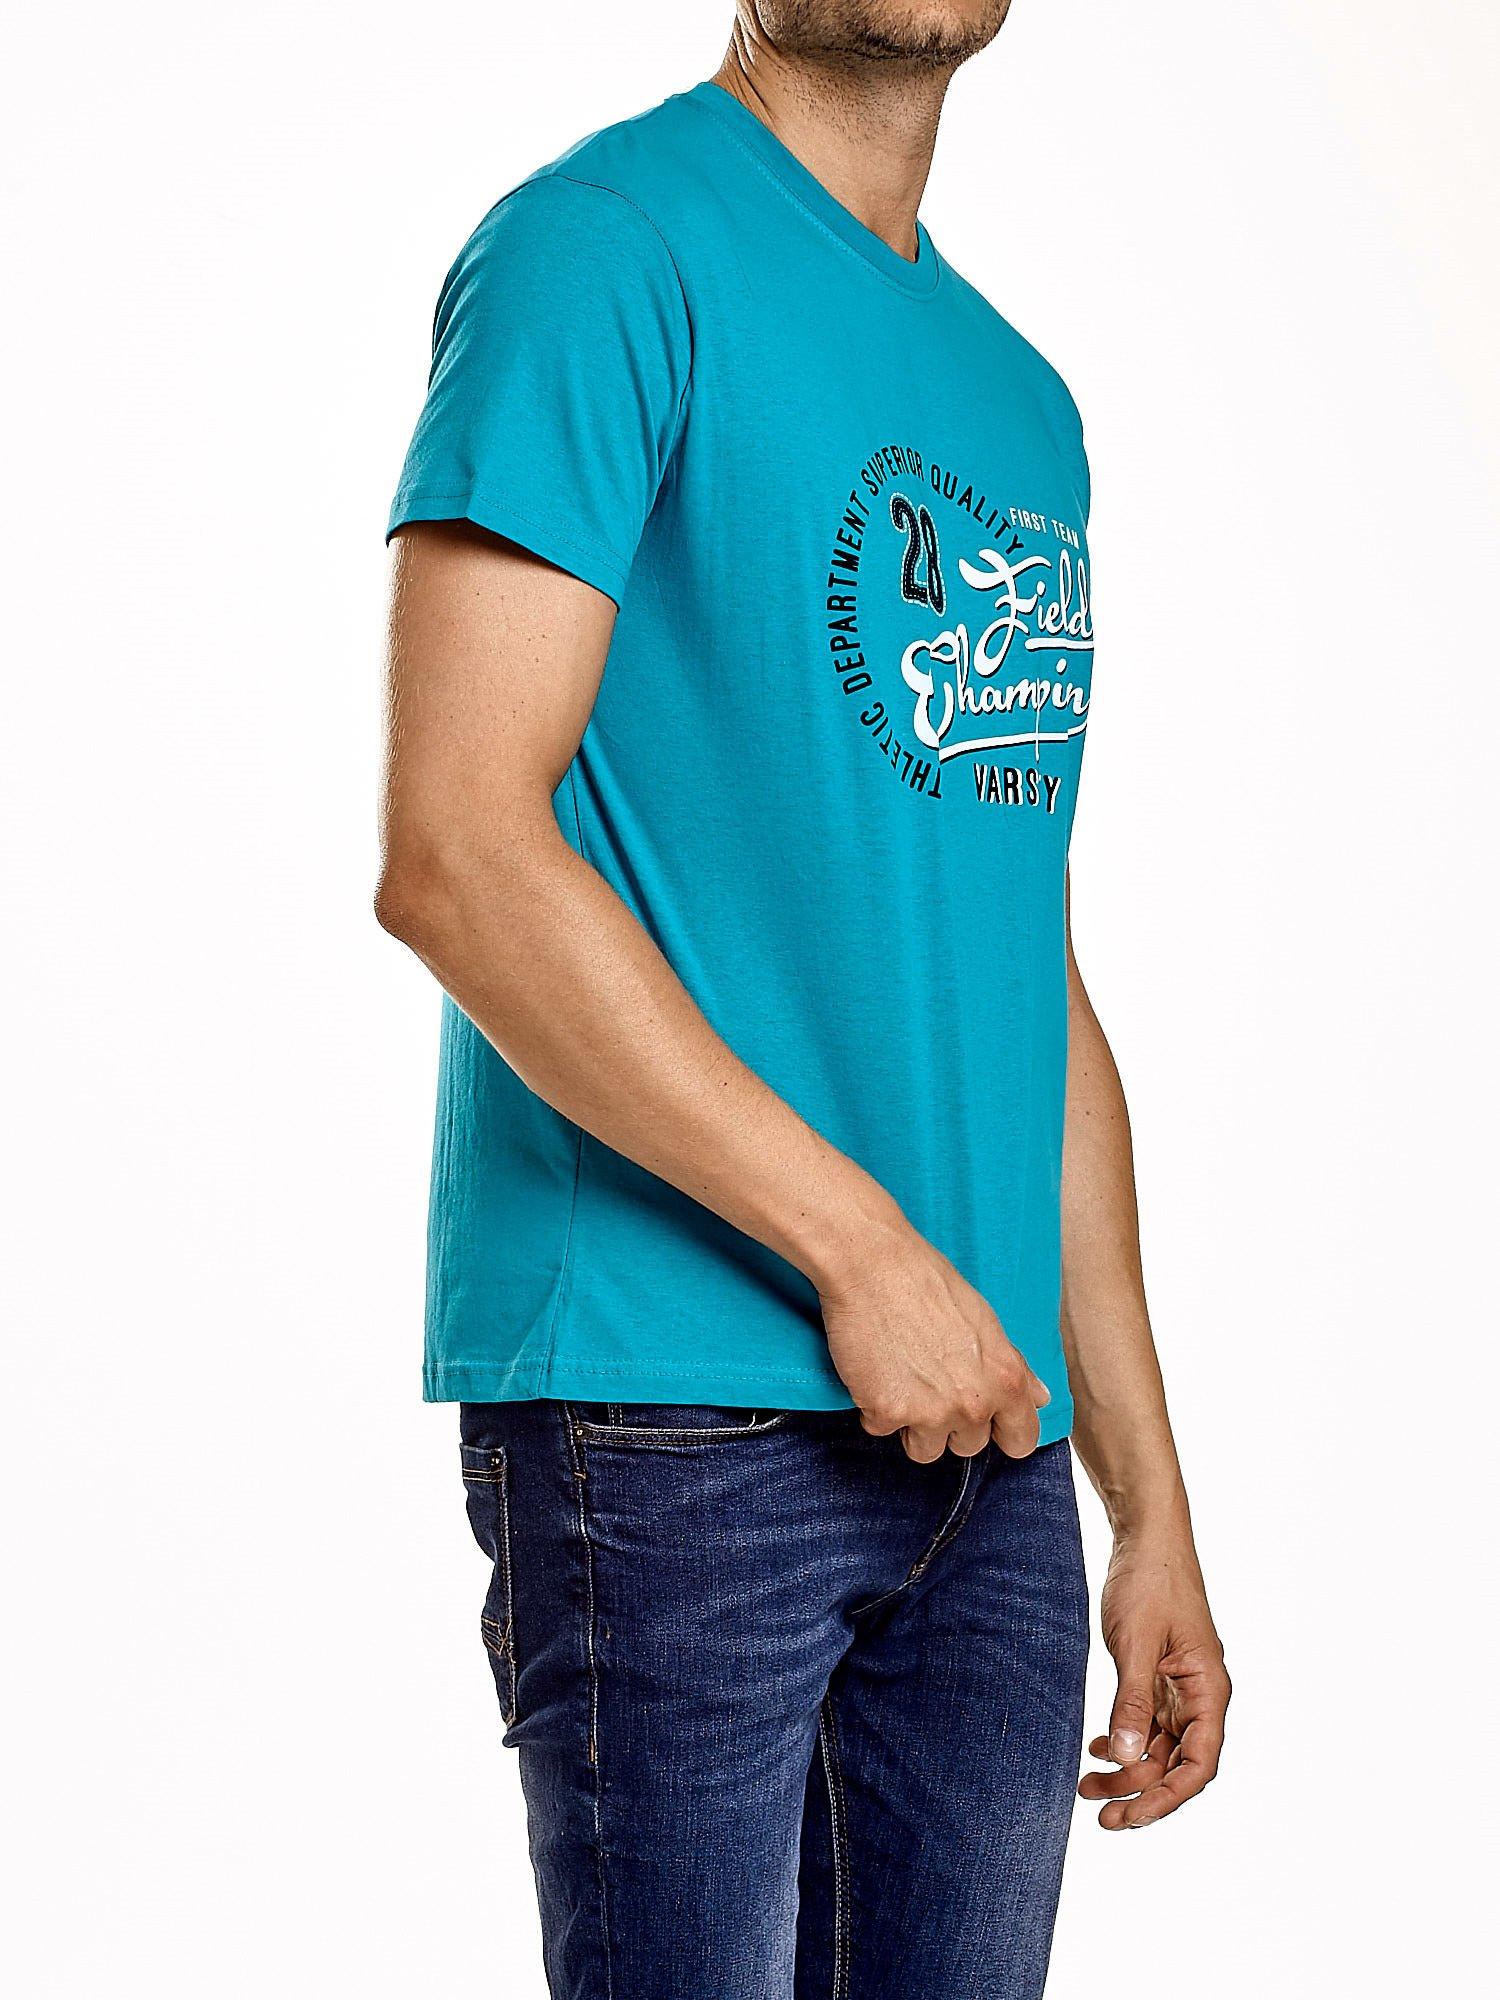 Zielony t-shirt męski z napisem CHAMPION i liczbą 28                                  zdj.                                  4